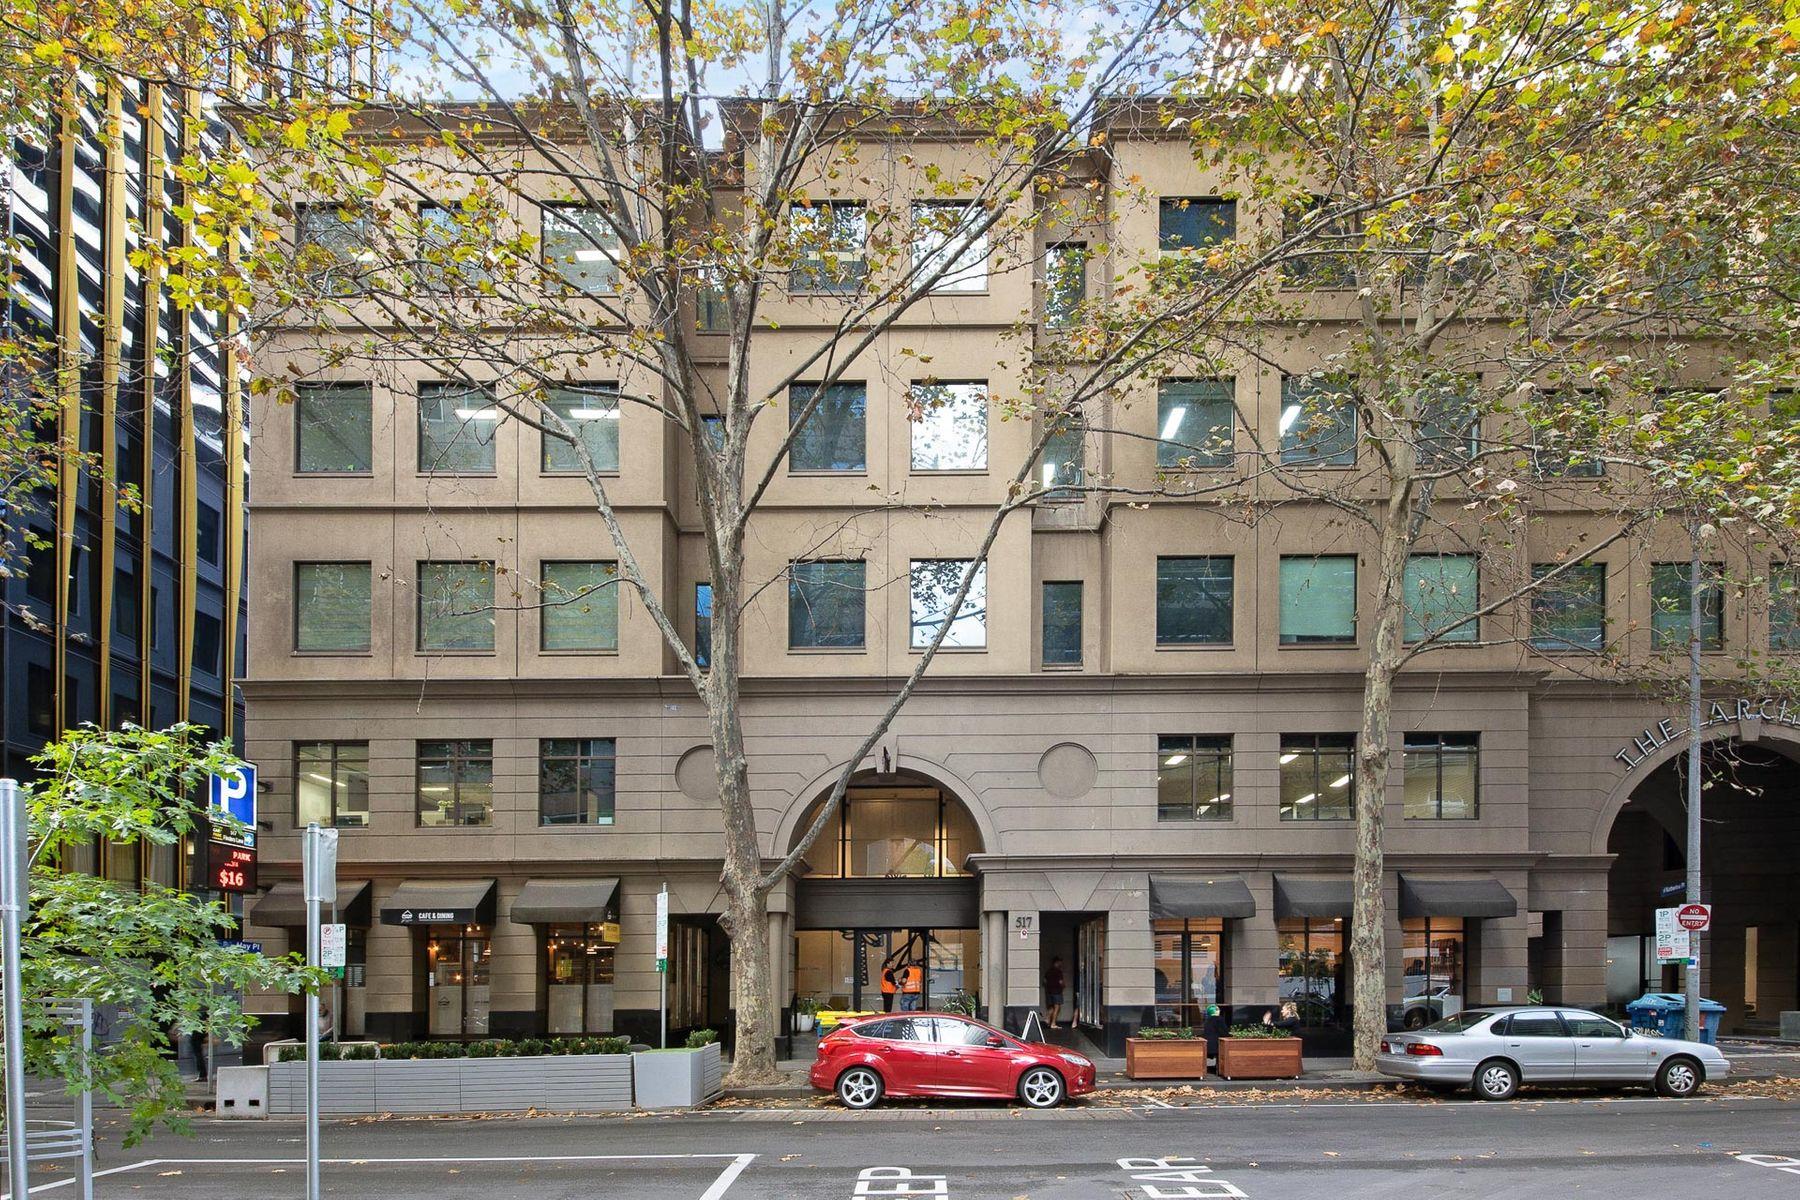 WEB   202 517 Flinders Lane Melbourne    10